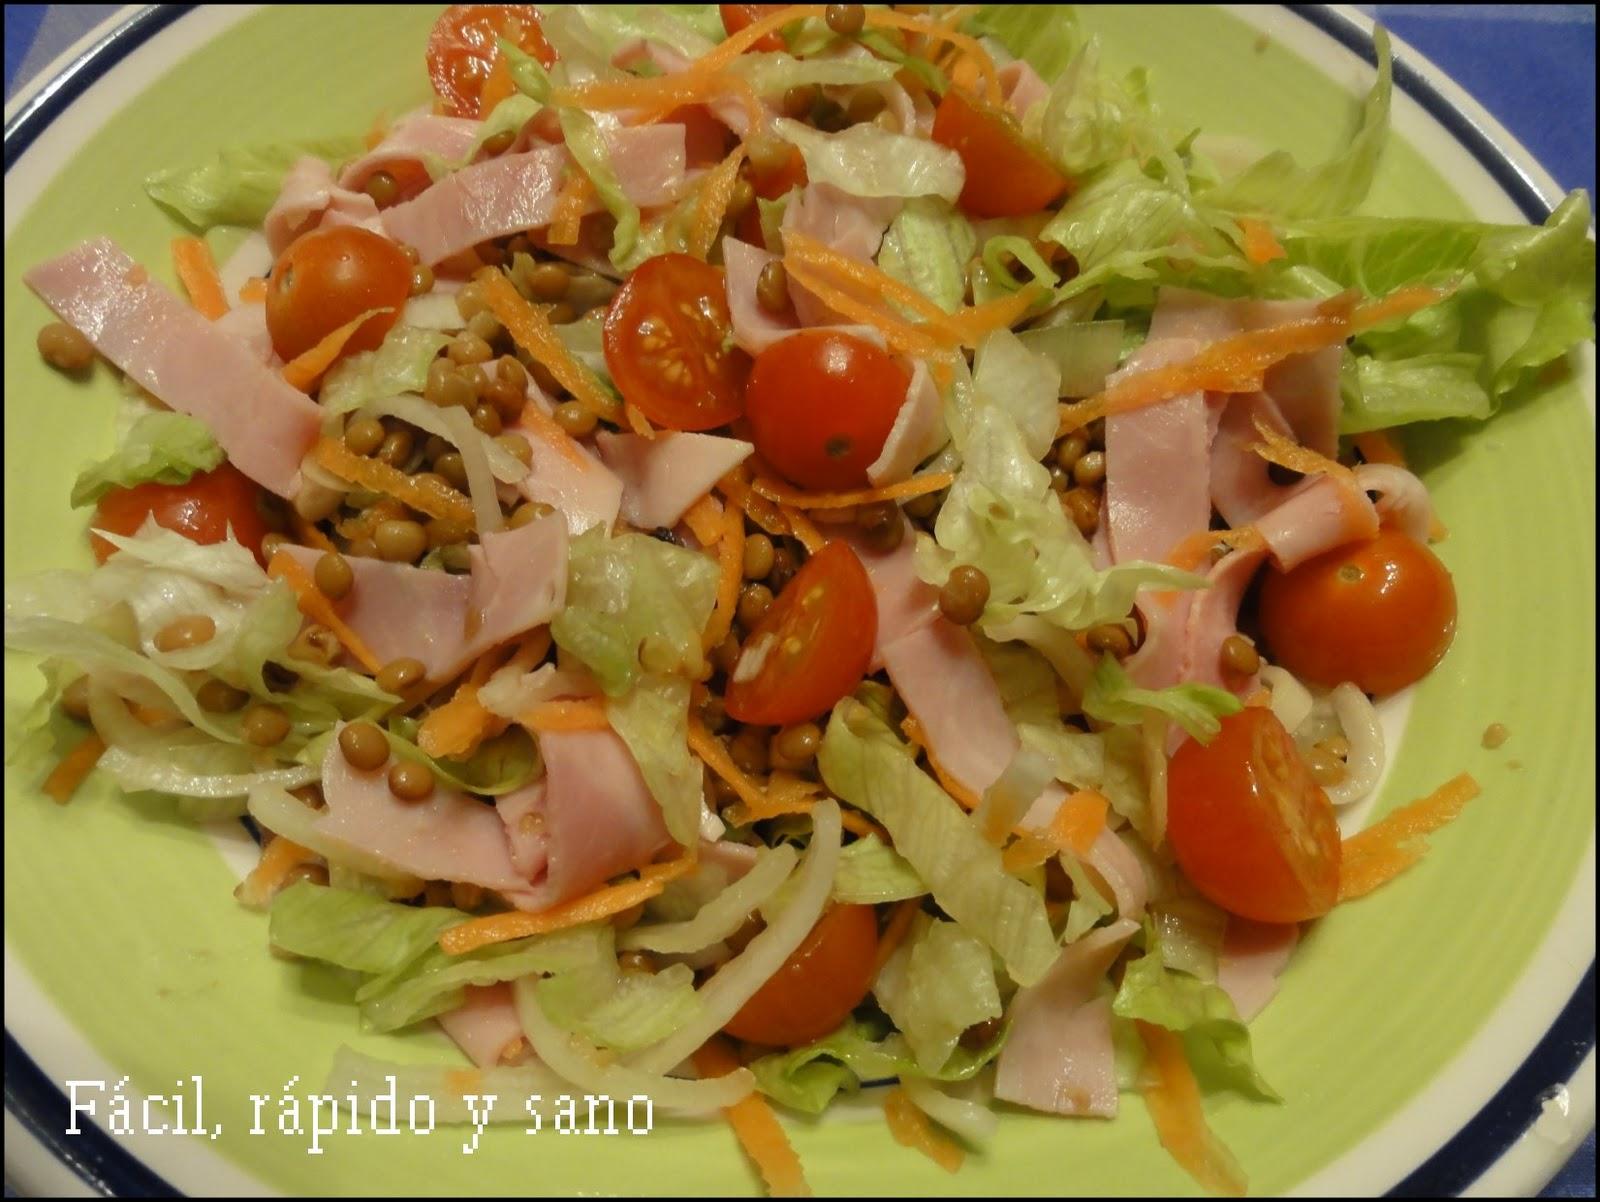 F cil r pido y sano cocina para gente sin tiempo marzo 2011 - Que hago de comer rapido y sencillo ...